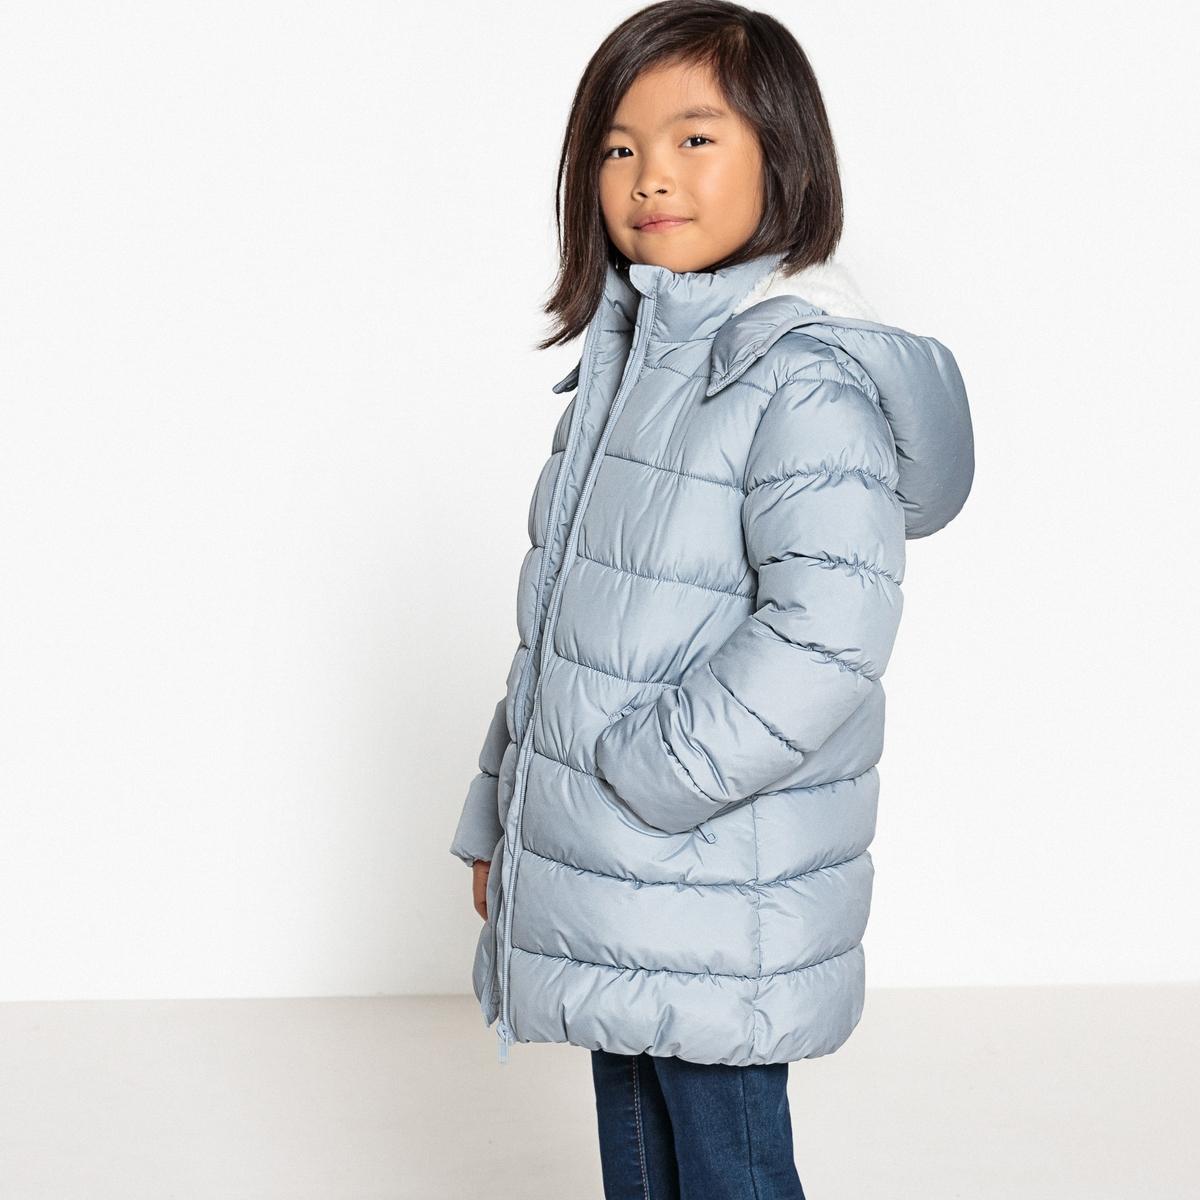 Куртка с воротником-стойкойДетали •  Зимняя модель •  Непромокаемая •  Застежка на молнию •  С капюшоном •  Длина : средняяСостав и уход •  100% полиэстер  •  Температура стирки 30°   •  Не гладить/ не отбеливать  •  Не использовать барабанную сушку • Сухая чистка запрещена<br><br>Цвет: голубой,черный<br>Размер: 5 лет - 108 см.4 года - 102 см.5 лет - 108 см.6 лет - 114 см.12 лет -150 см